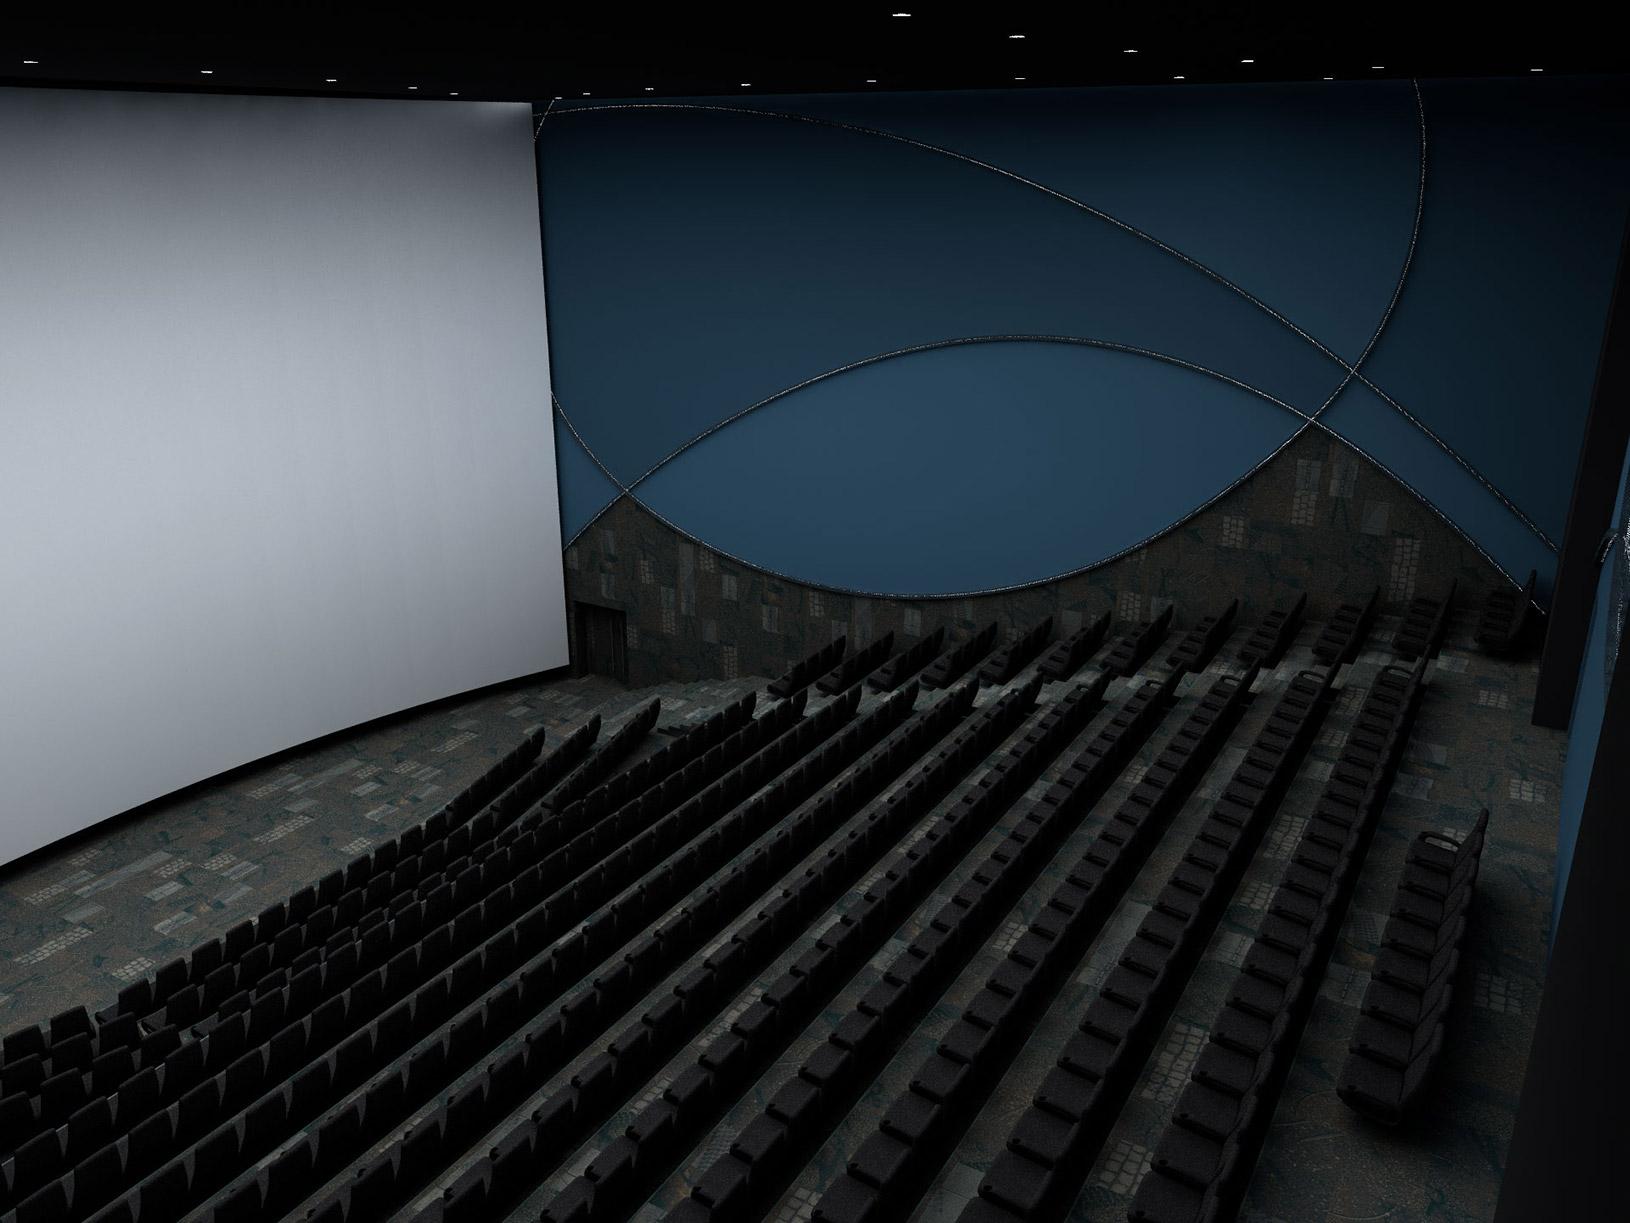 IMAX Arena kino dvorana, UPI-2M